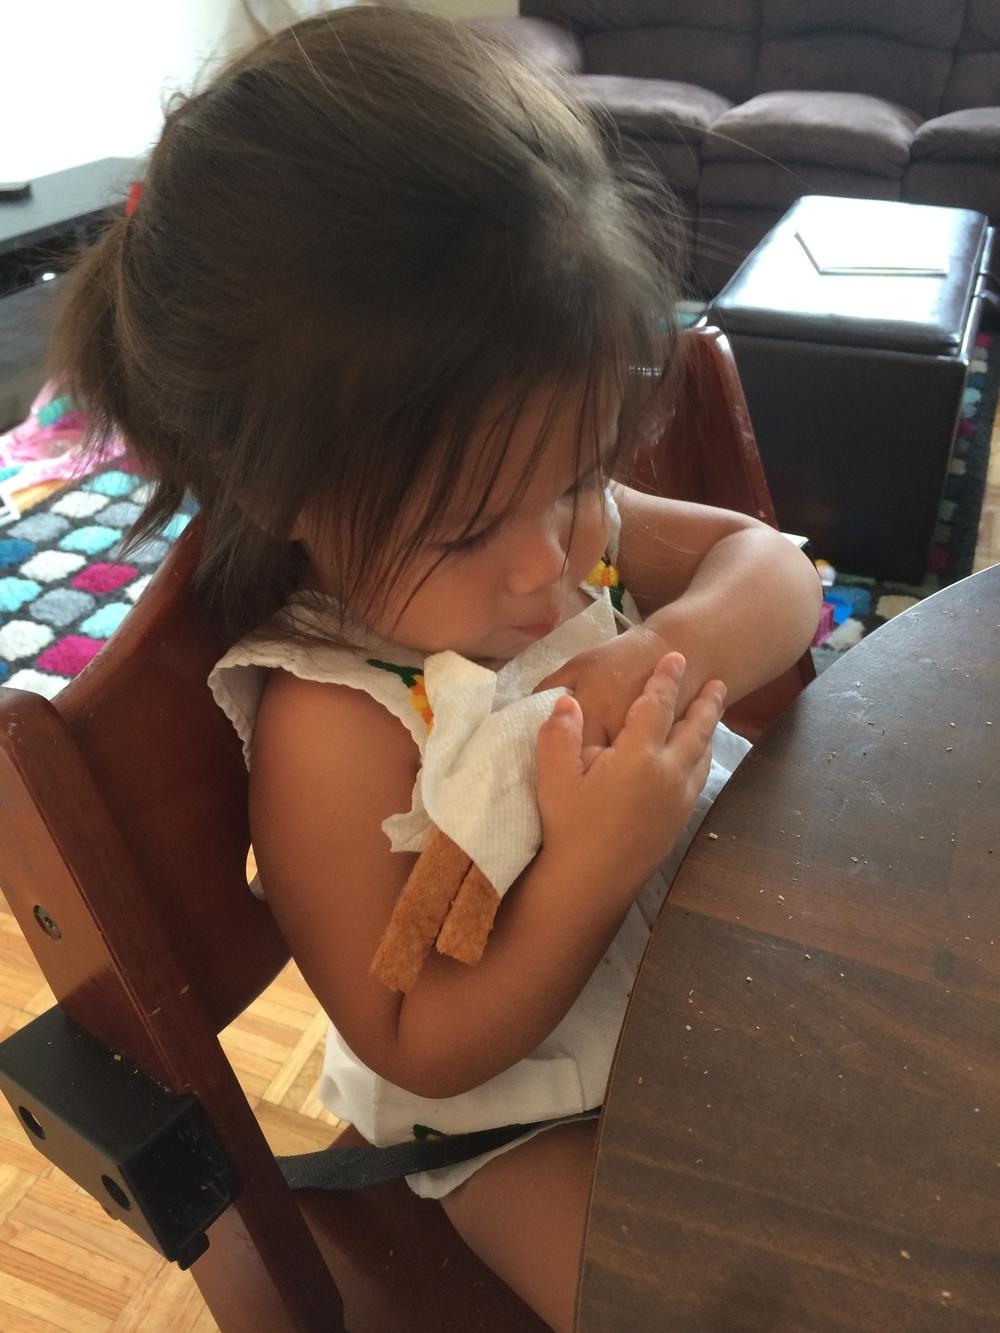 Swaddling her sandwich